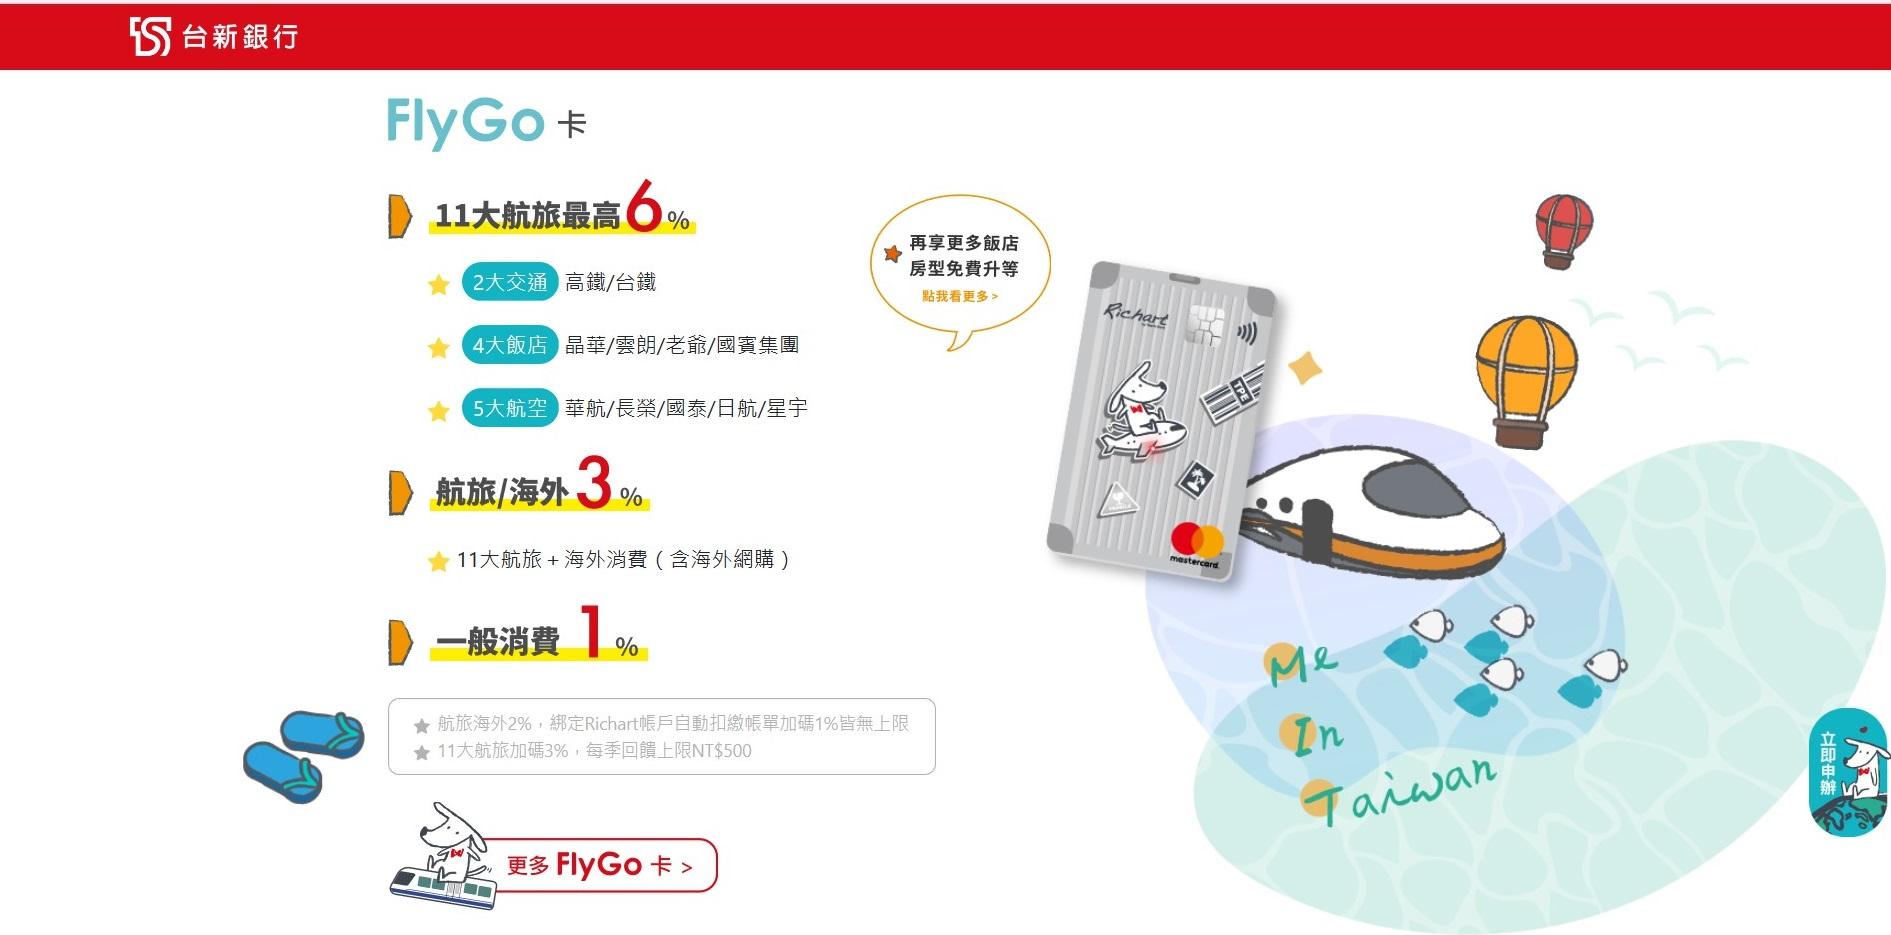 台新Richart飛狗FlyGo卡、@GoGo卡2020全新出擊!